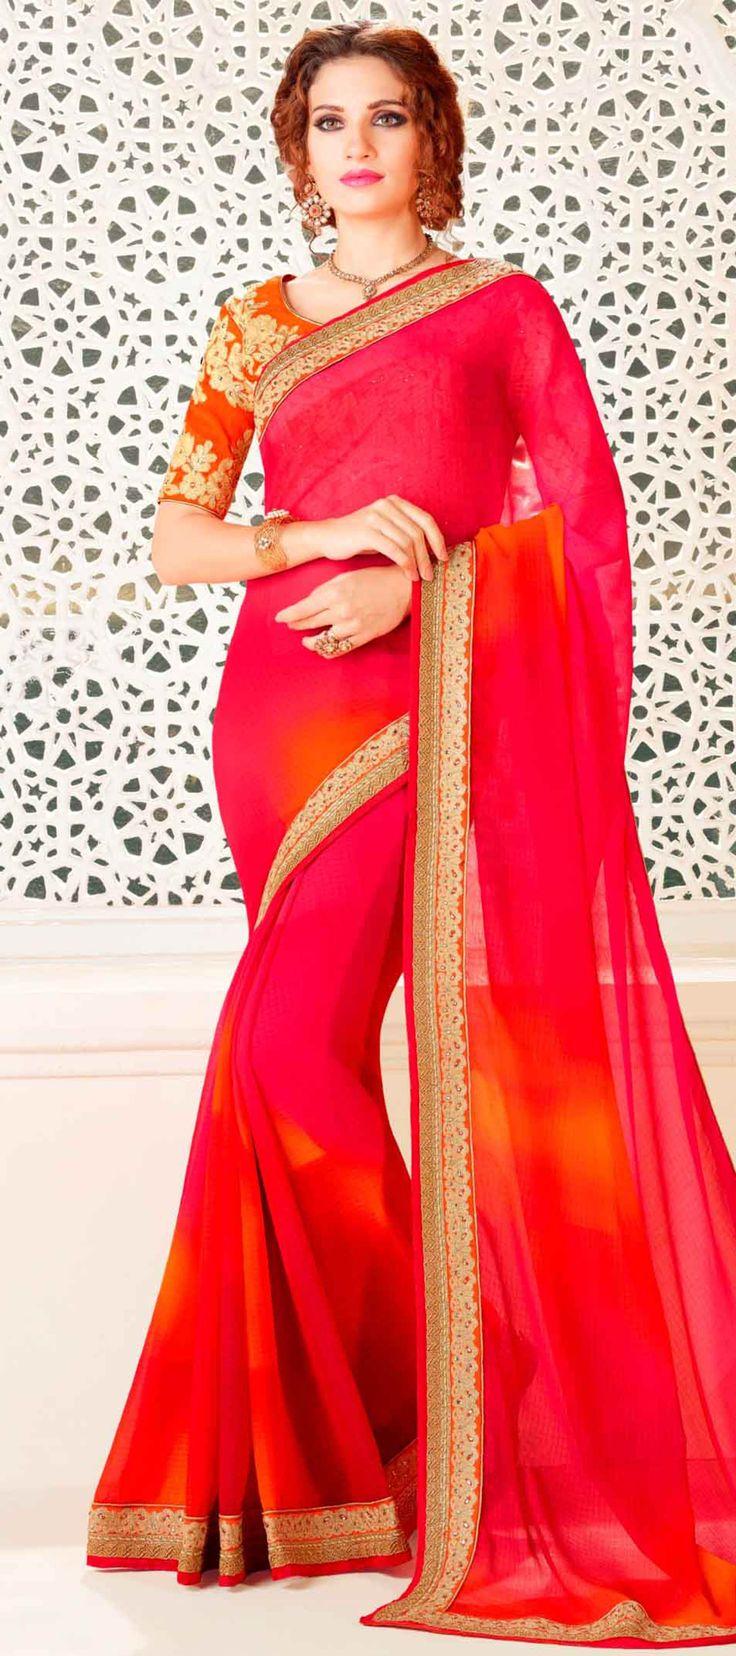 PINK CHIFFON SAREE WITH EMBROIDERY WORK  #Saree #GeorgetteSarees #IndianSaree #Sarees #PartywearSarees #RegularwearSarees #officeWearSarees #WeddingSarees #BuyOnline #OnlieSarees #GeorgetteSarees #NetSarees #ChiffonSarees #DesignerSarees #SareeFashion